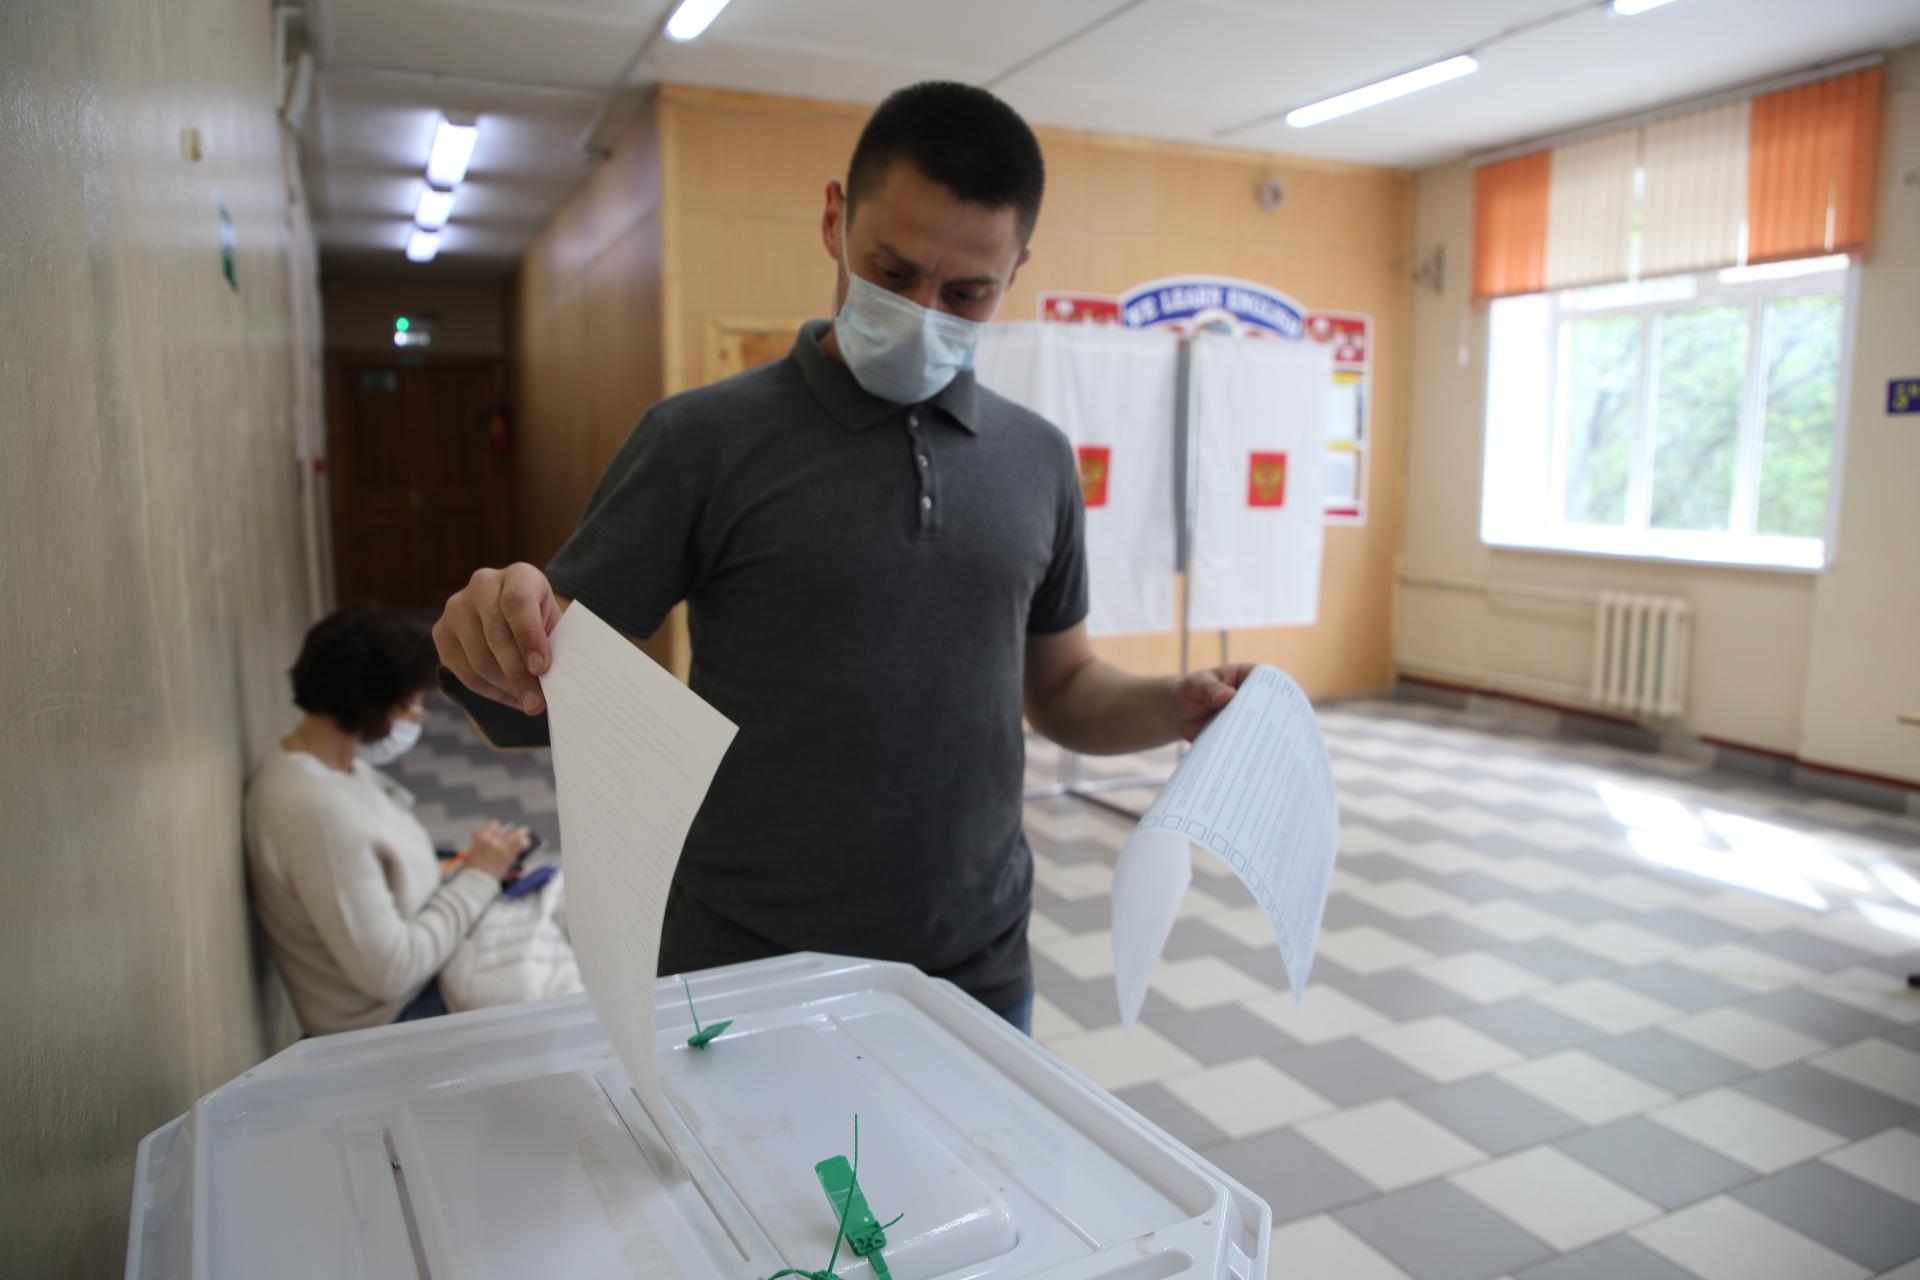 Юлия Саранова пришла на участок для голосования вместе с братом